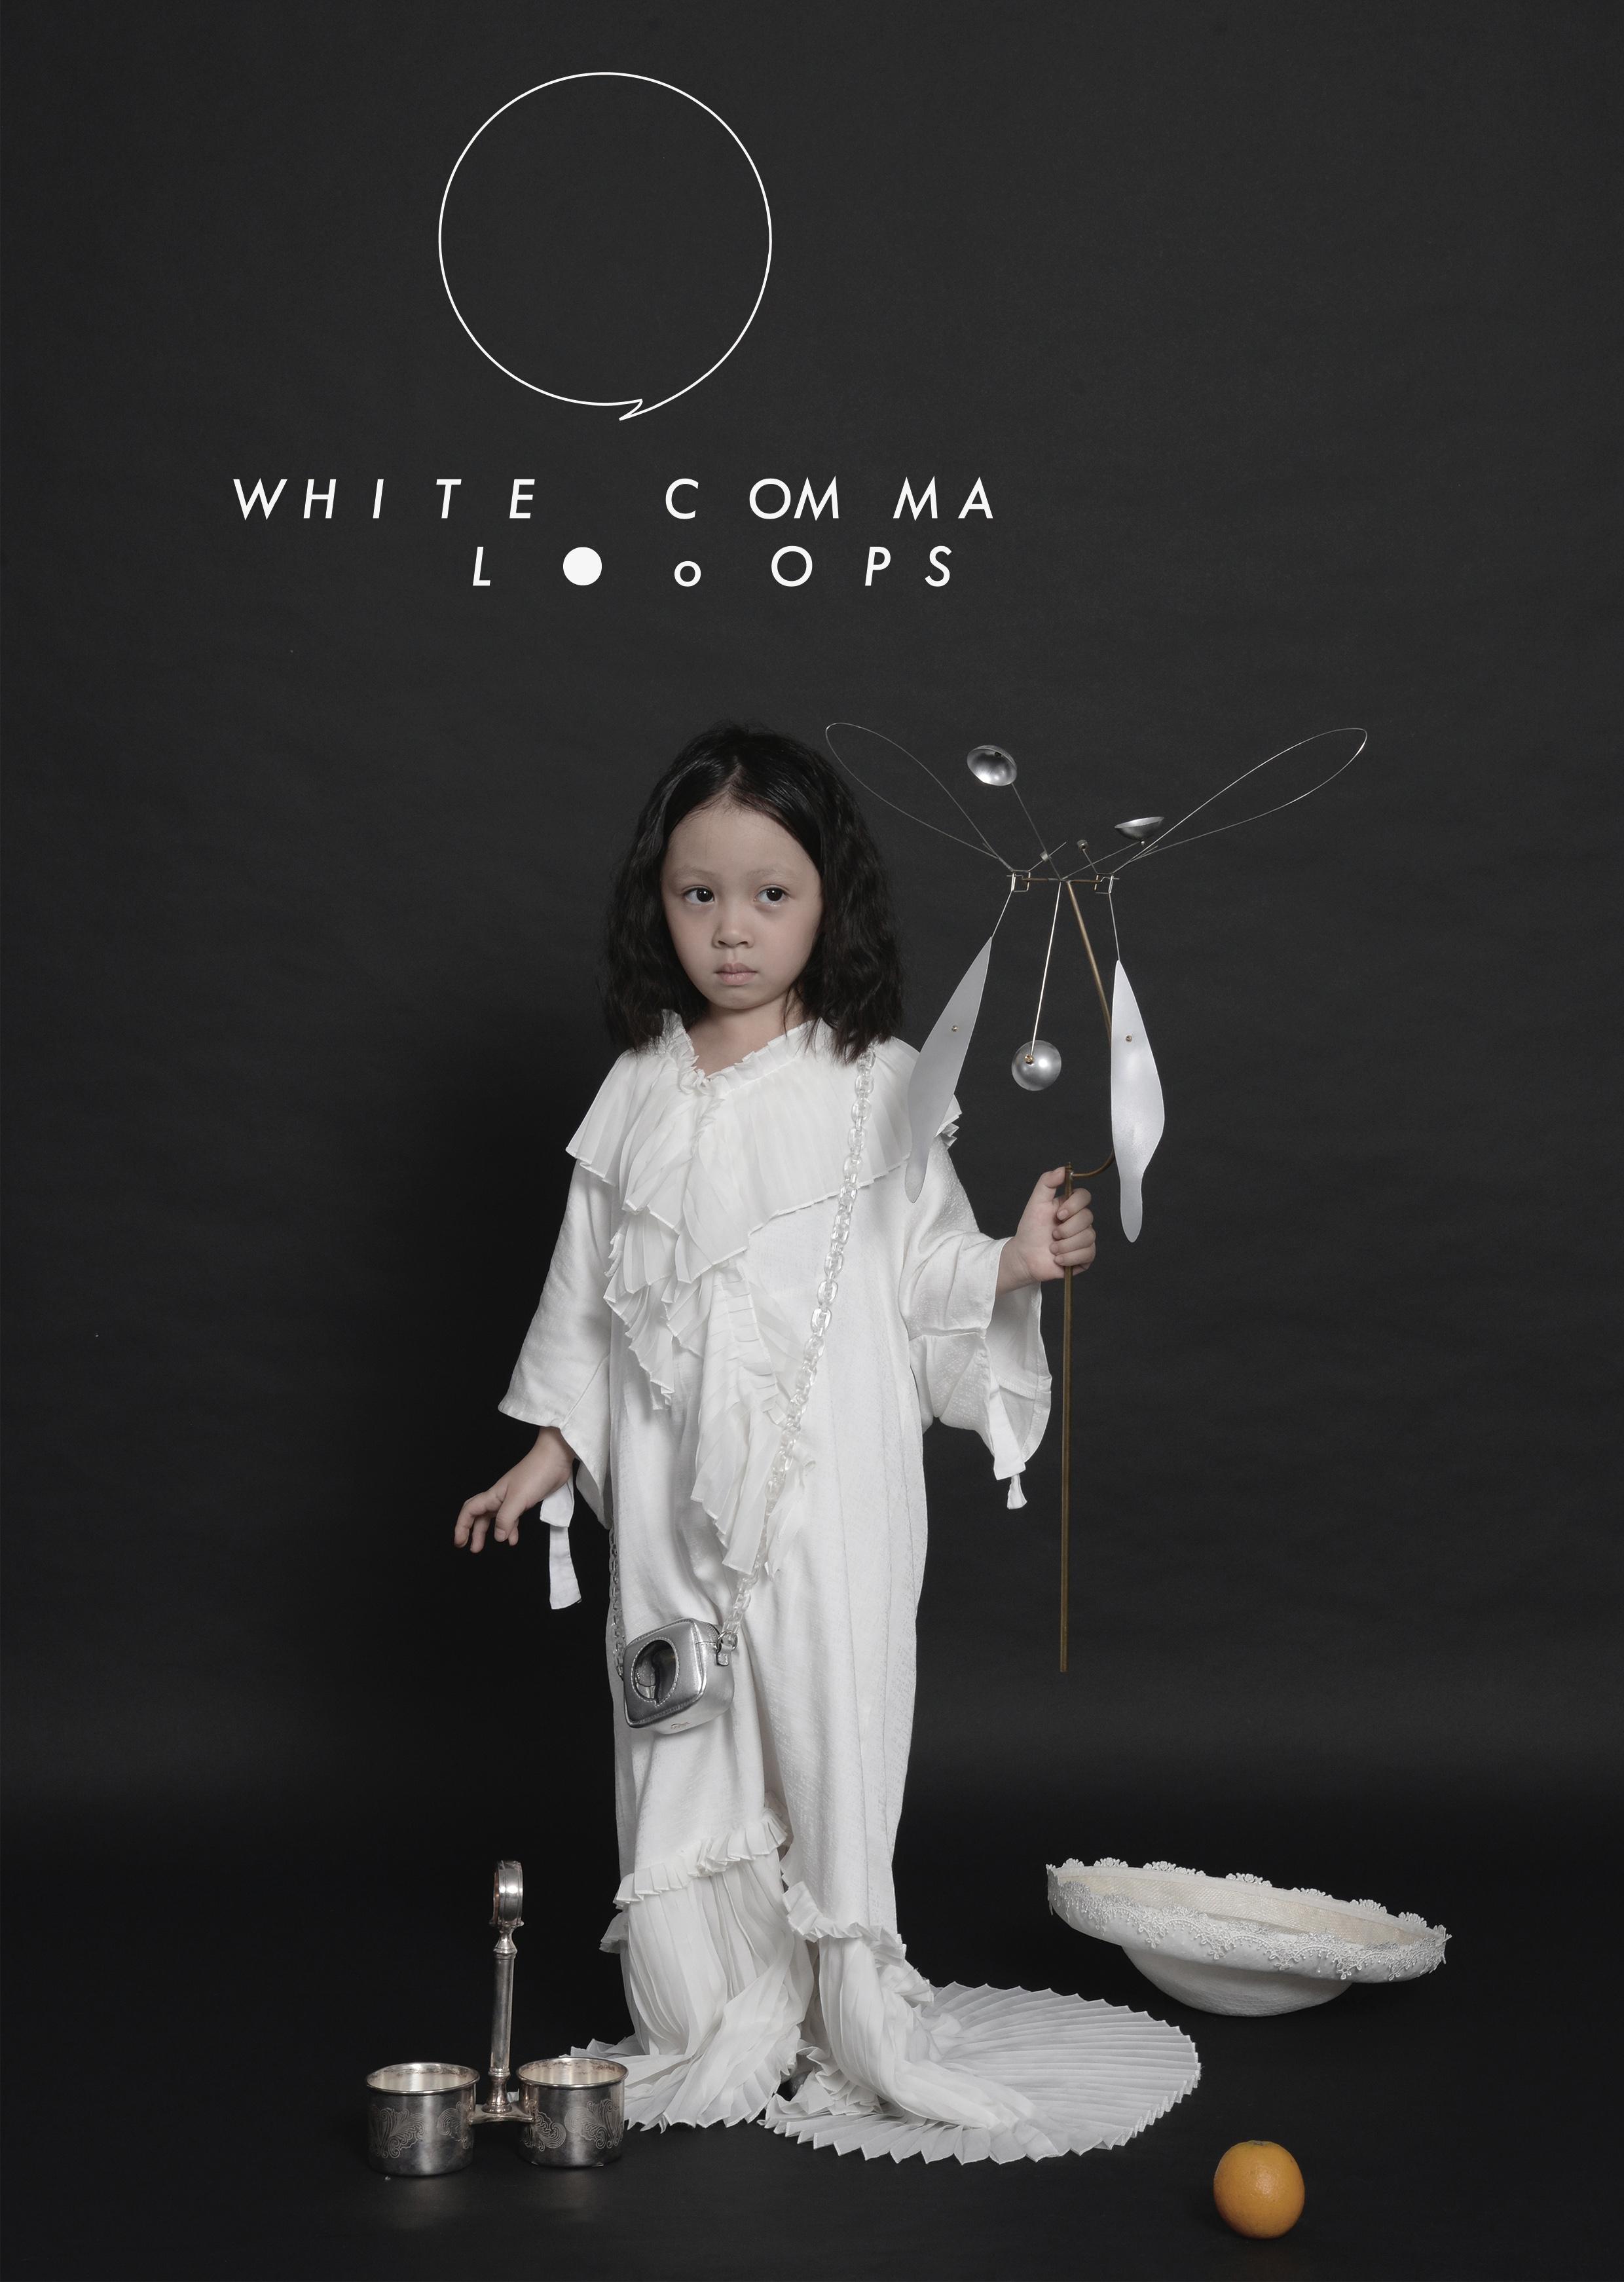 小众设计师品牌 逗号迷你口红包 白色逗号系列 独立设计 LOOOPS